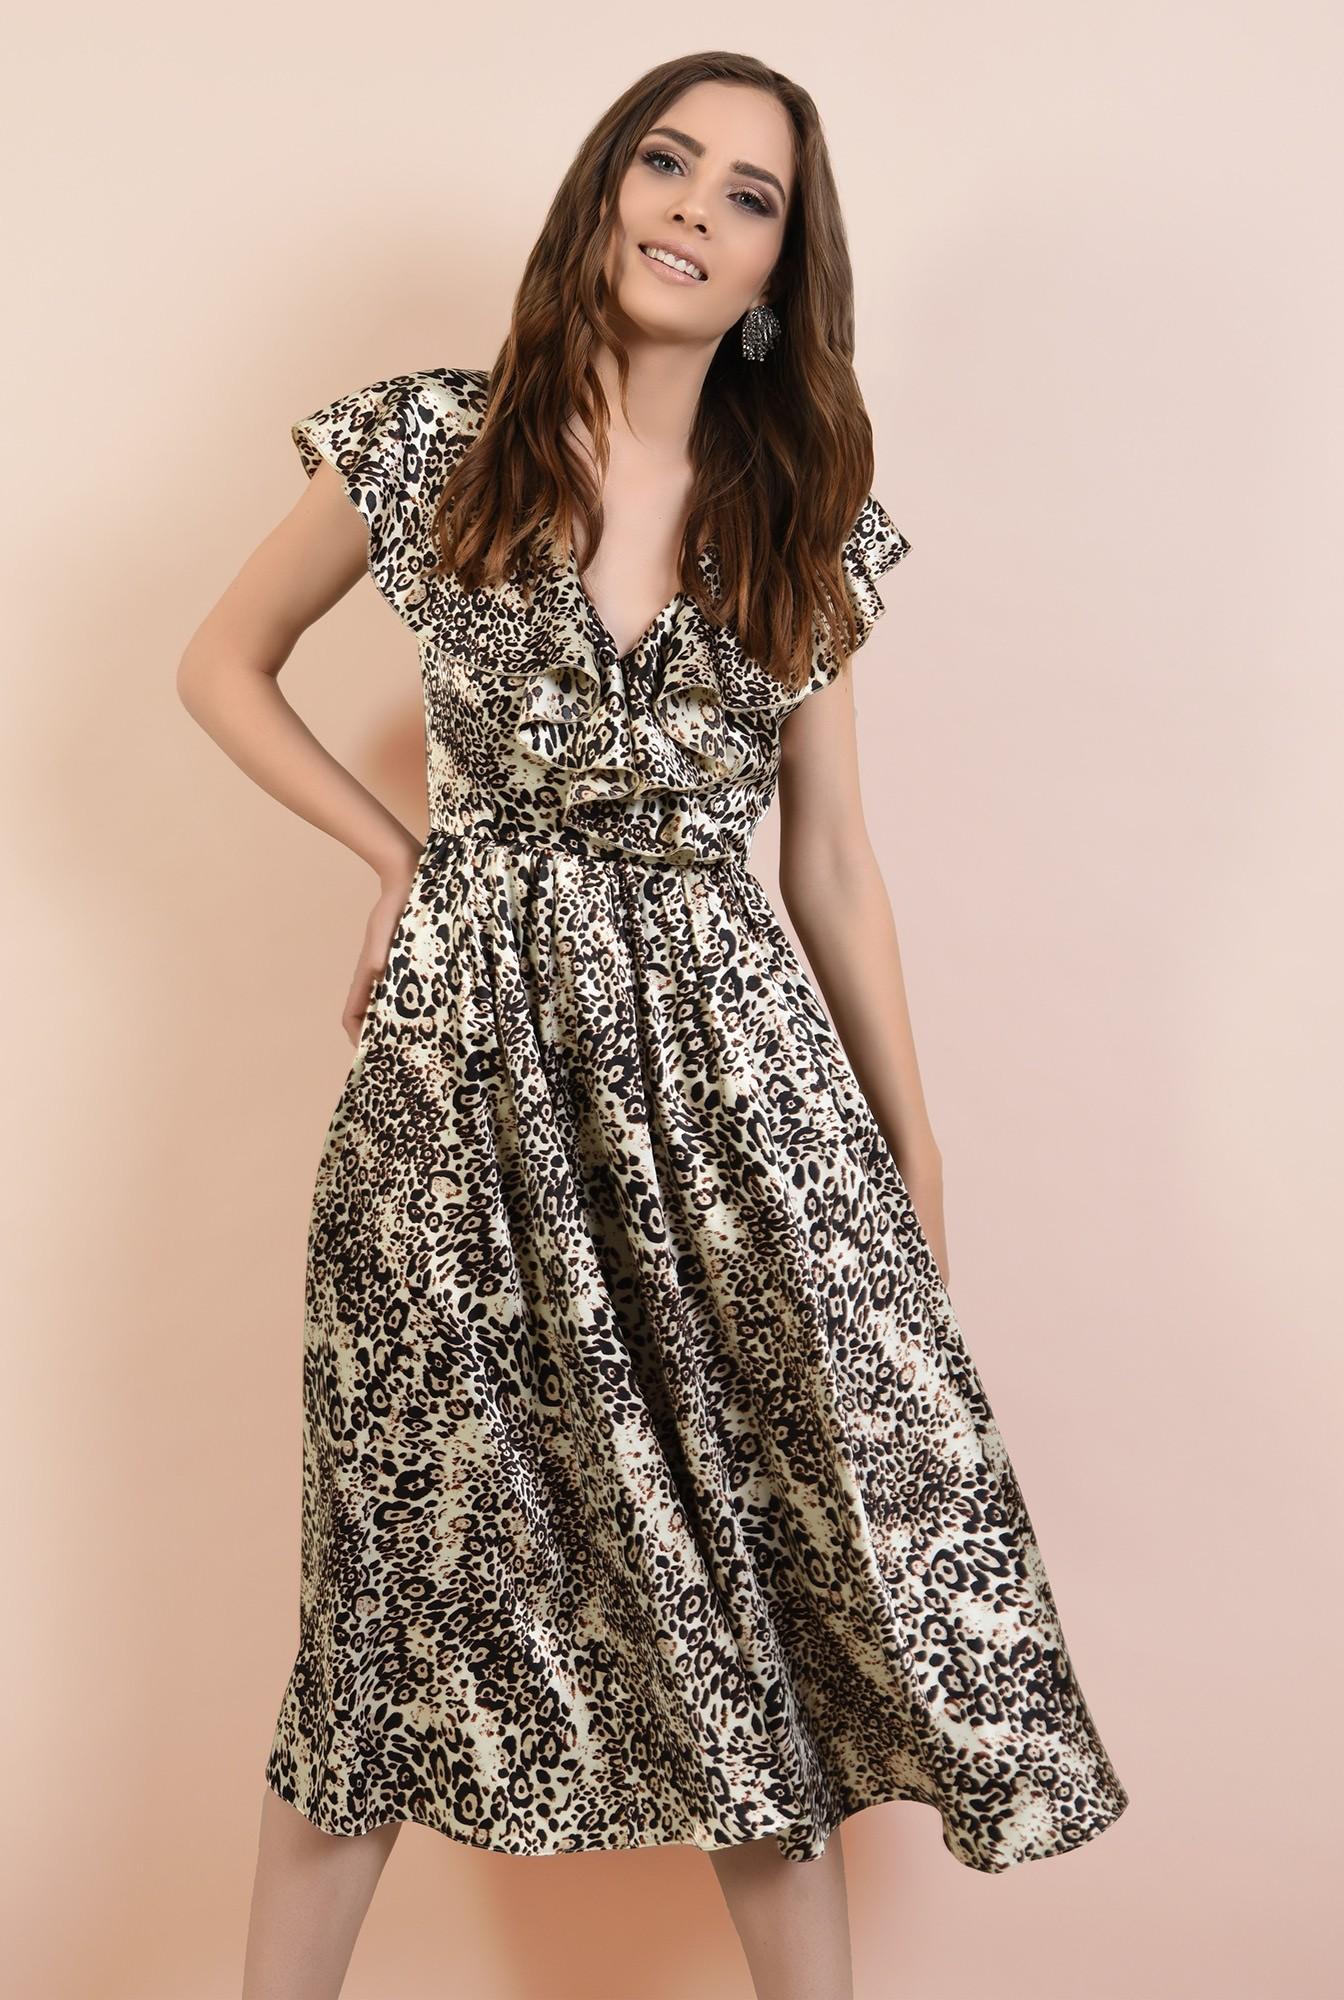 2 - rochie eleganta, din satin imprimat, cu volane, croi clos